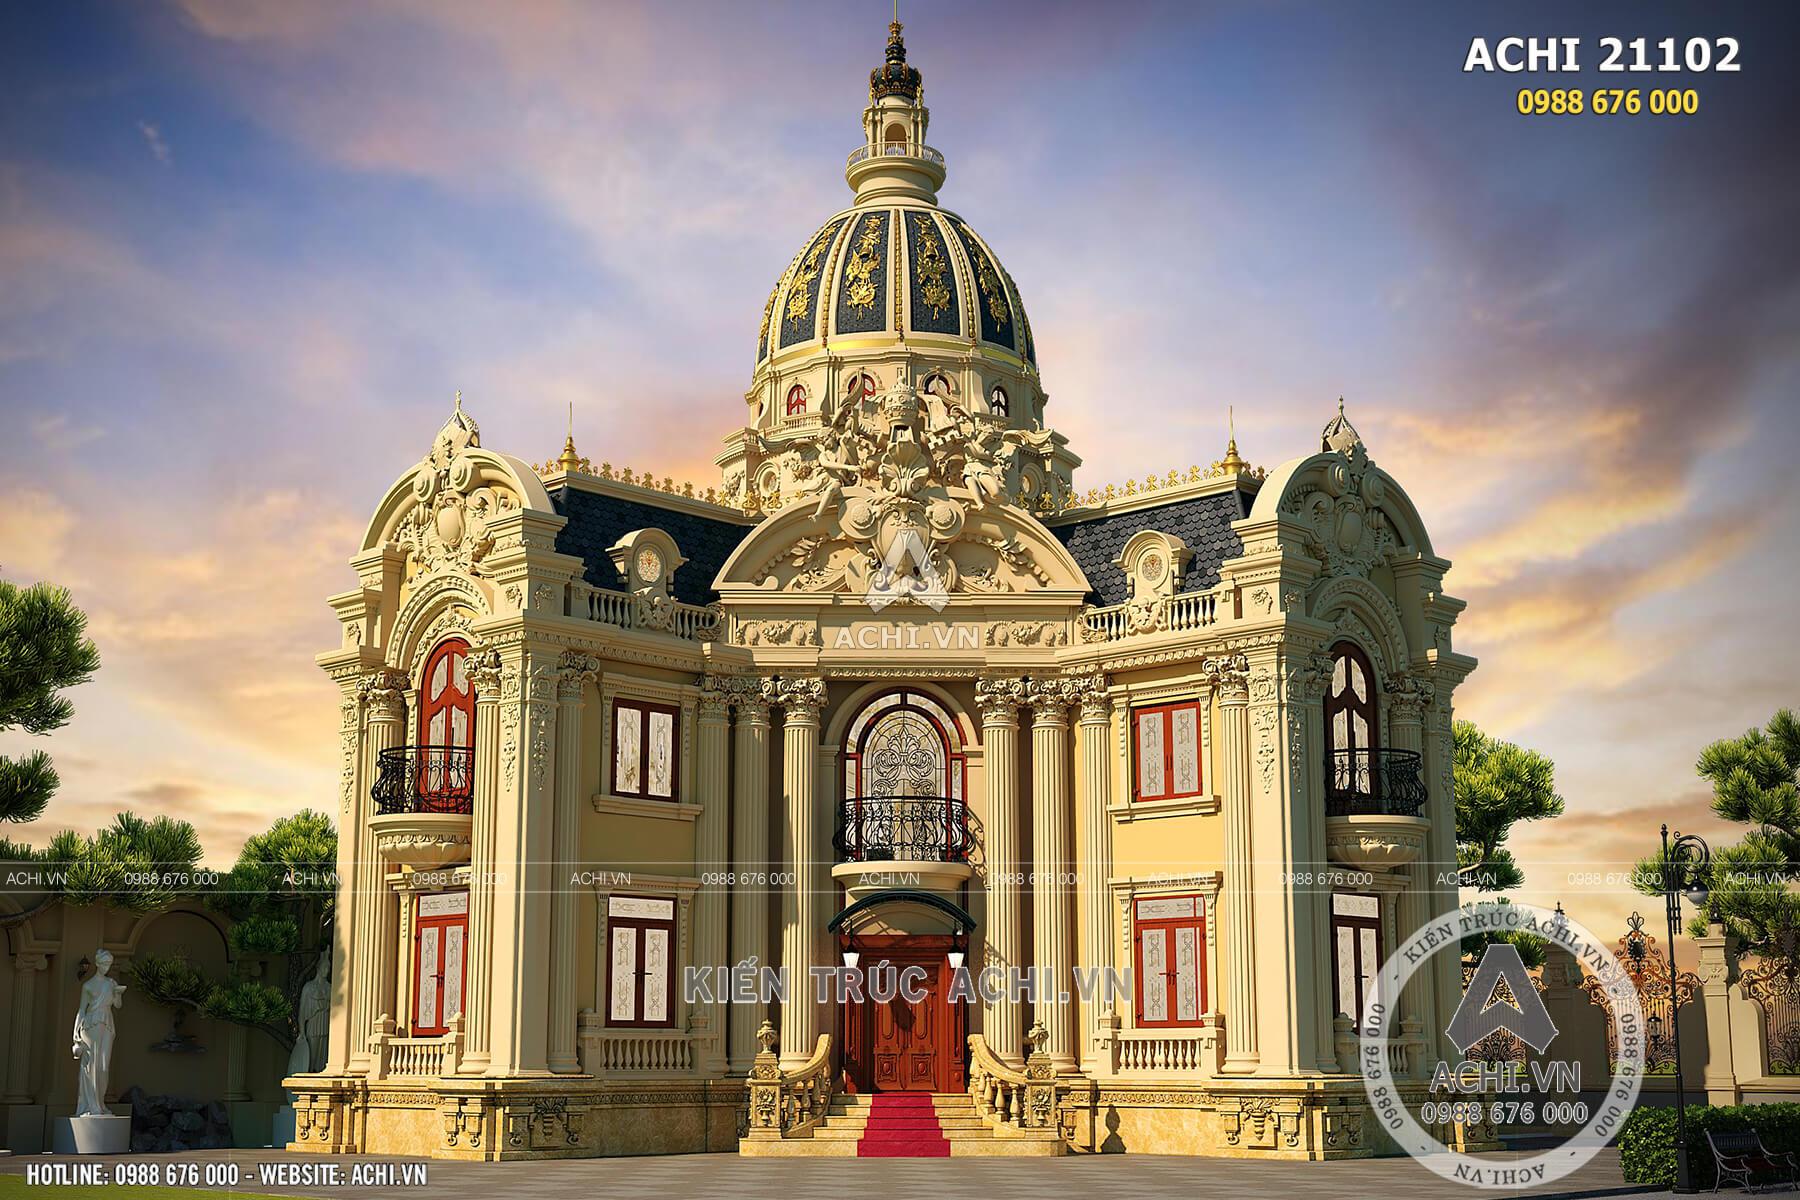 Mẫu thiết kế lâu đài 2 tầng đẳng cấp